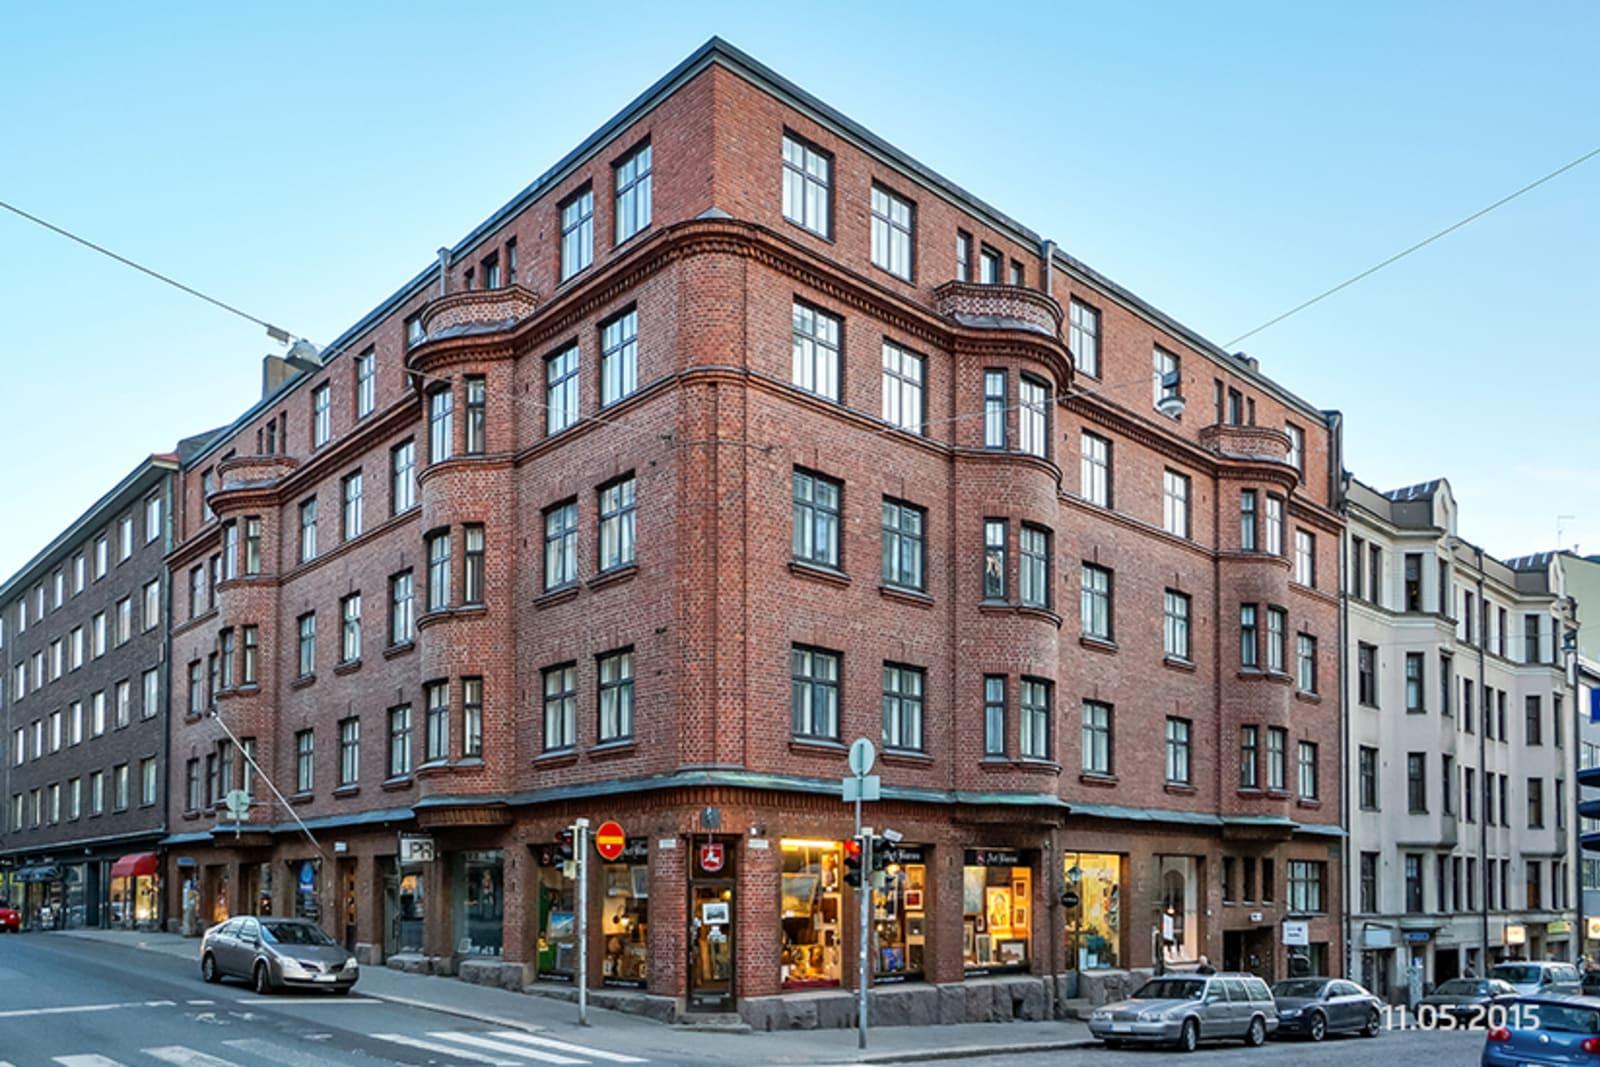 Helsinki, Kamppi, Fredrikinkatu 38